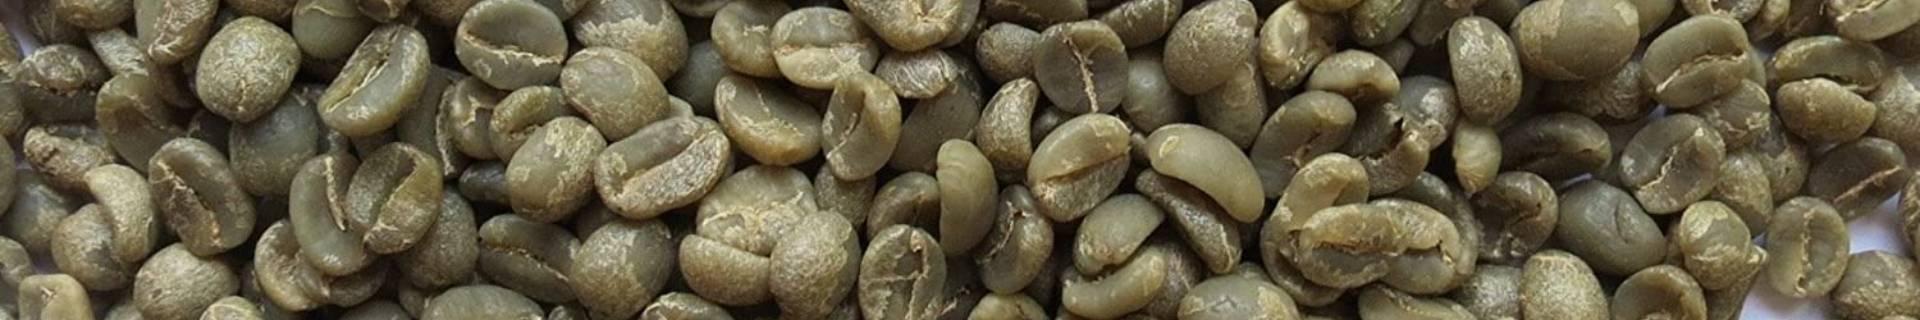 Organic Green Coffee - ECOLECTIA